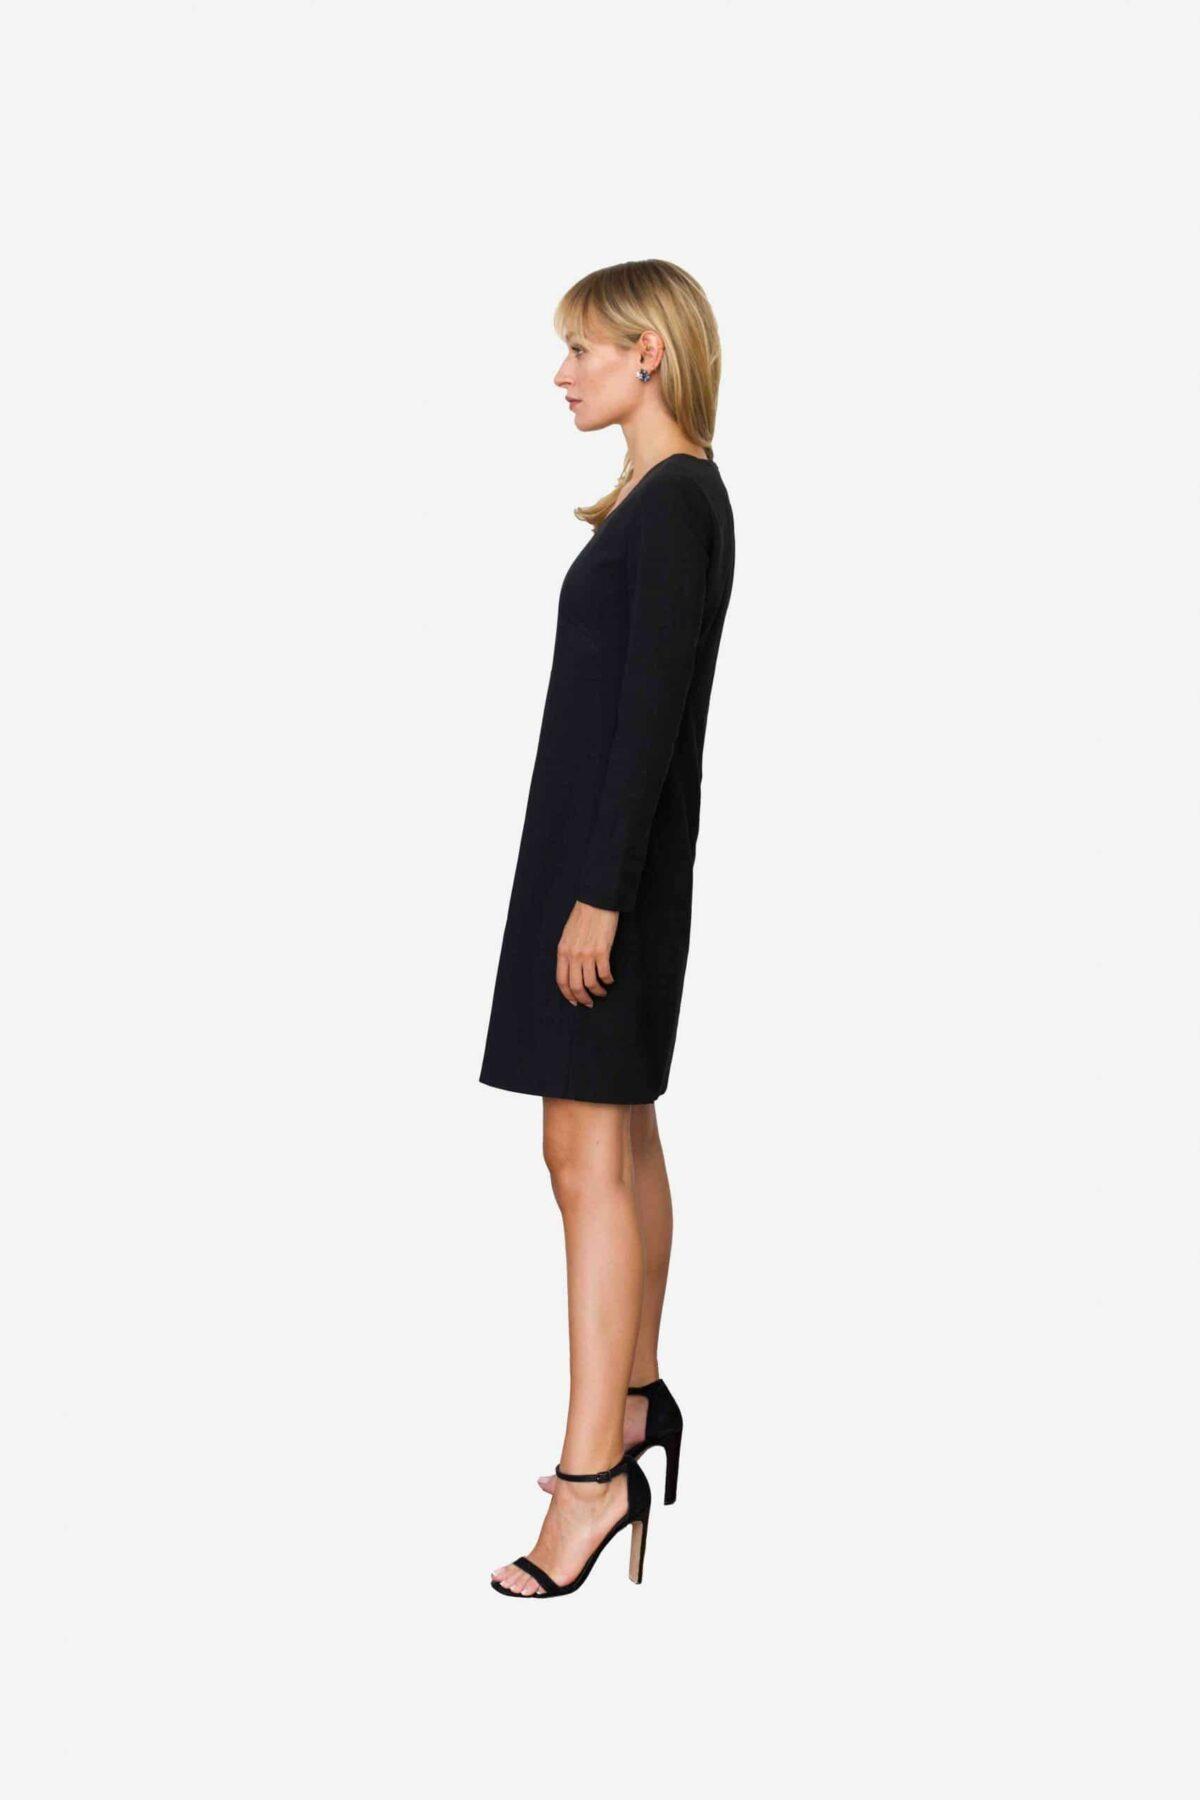 Designerkleid von SANOGE für das exklusive Business Outfit. Perfect Fit.